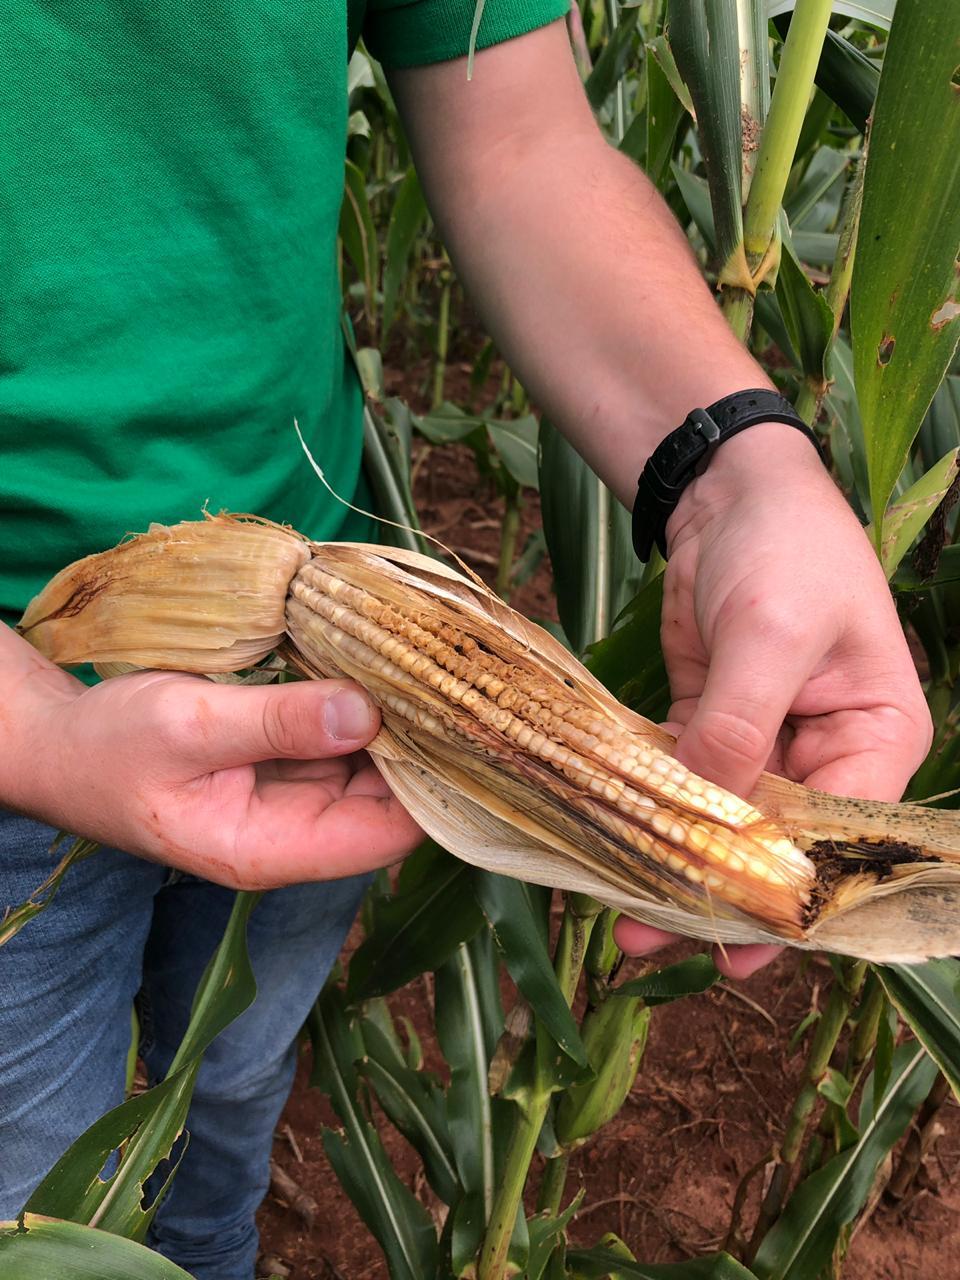 Safrinha de milho em Doutor Camargo/PR | Foto: Ildefonso Ausec